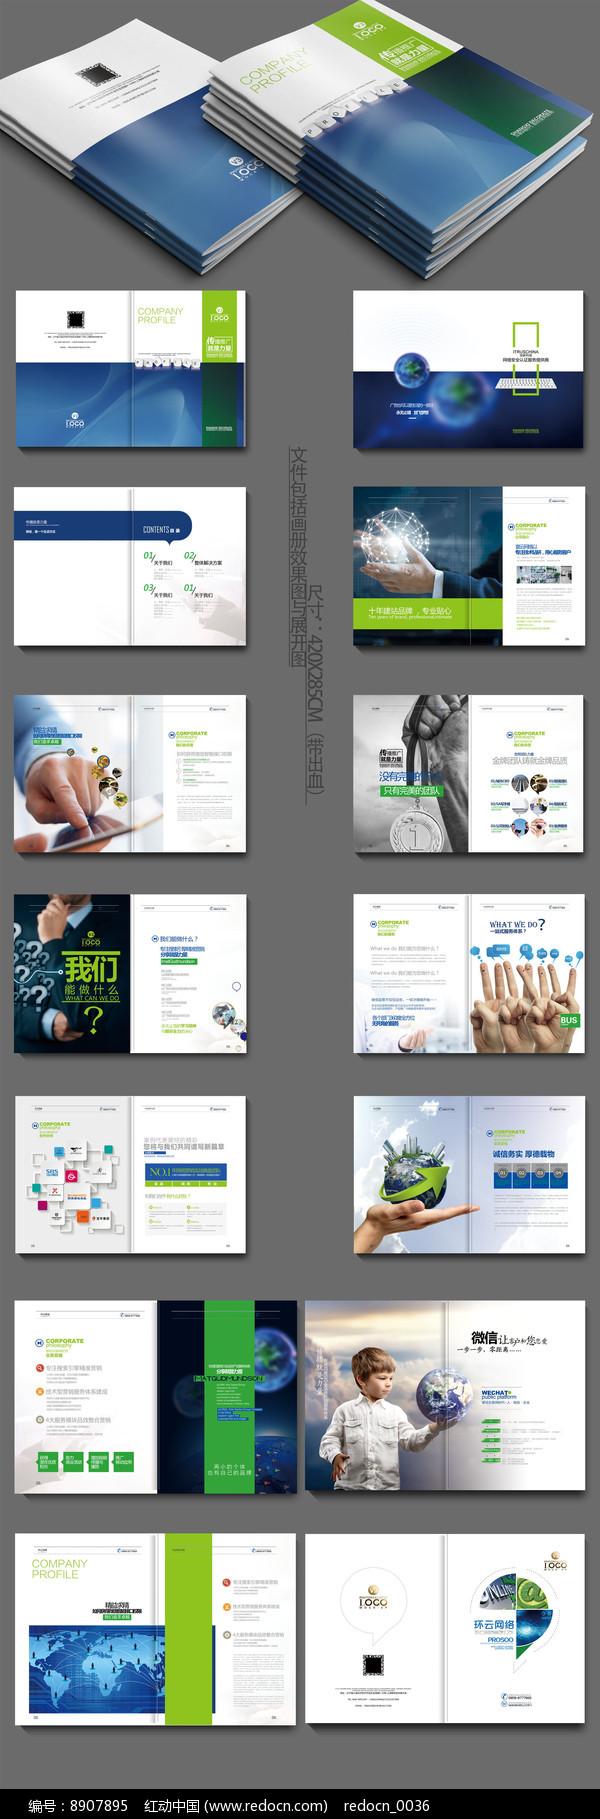 微信网络营销画册图片